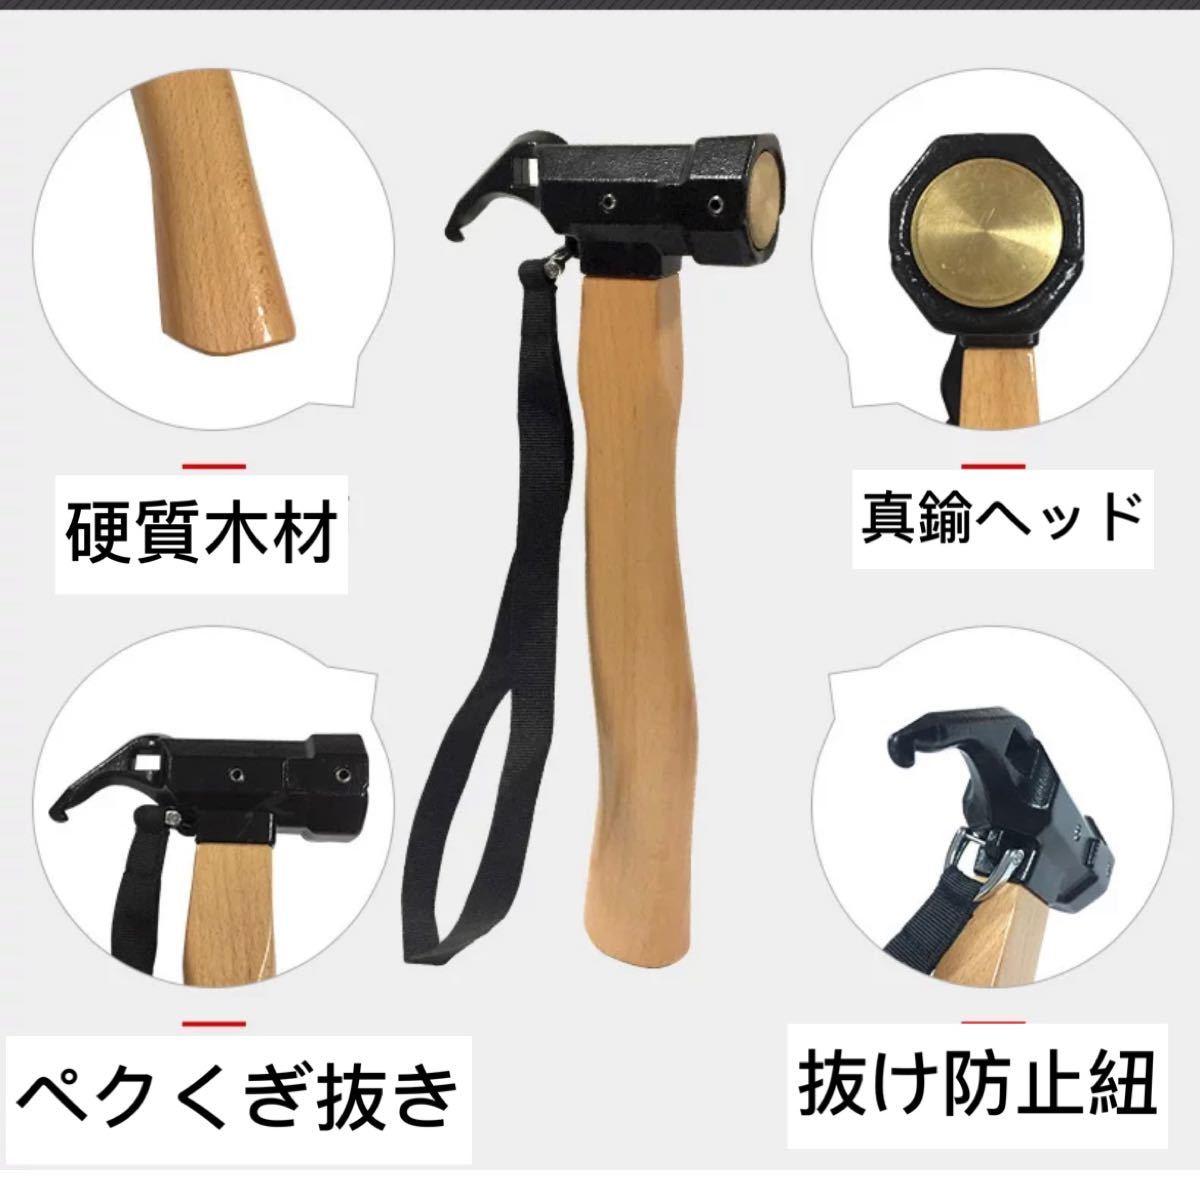 ペグハンマー テントハンマー キャンプハンマー 多機能 ハンマー 真鍮ヘッドハンマー